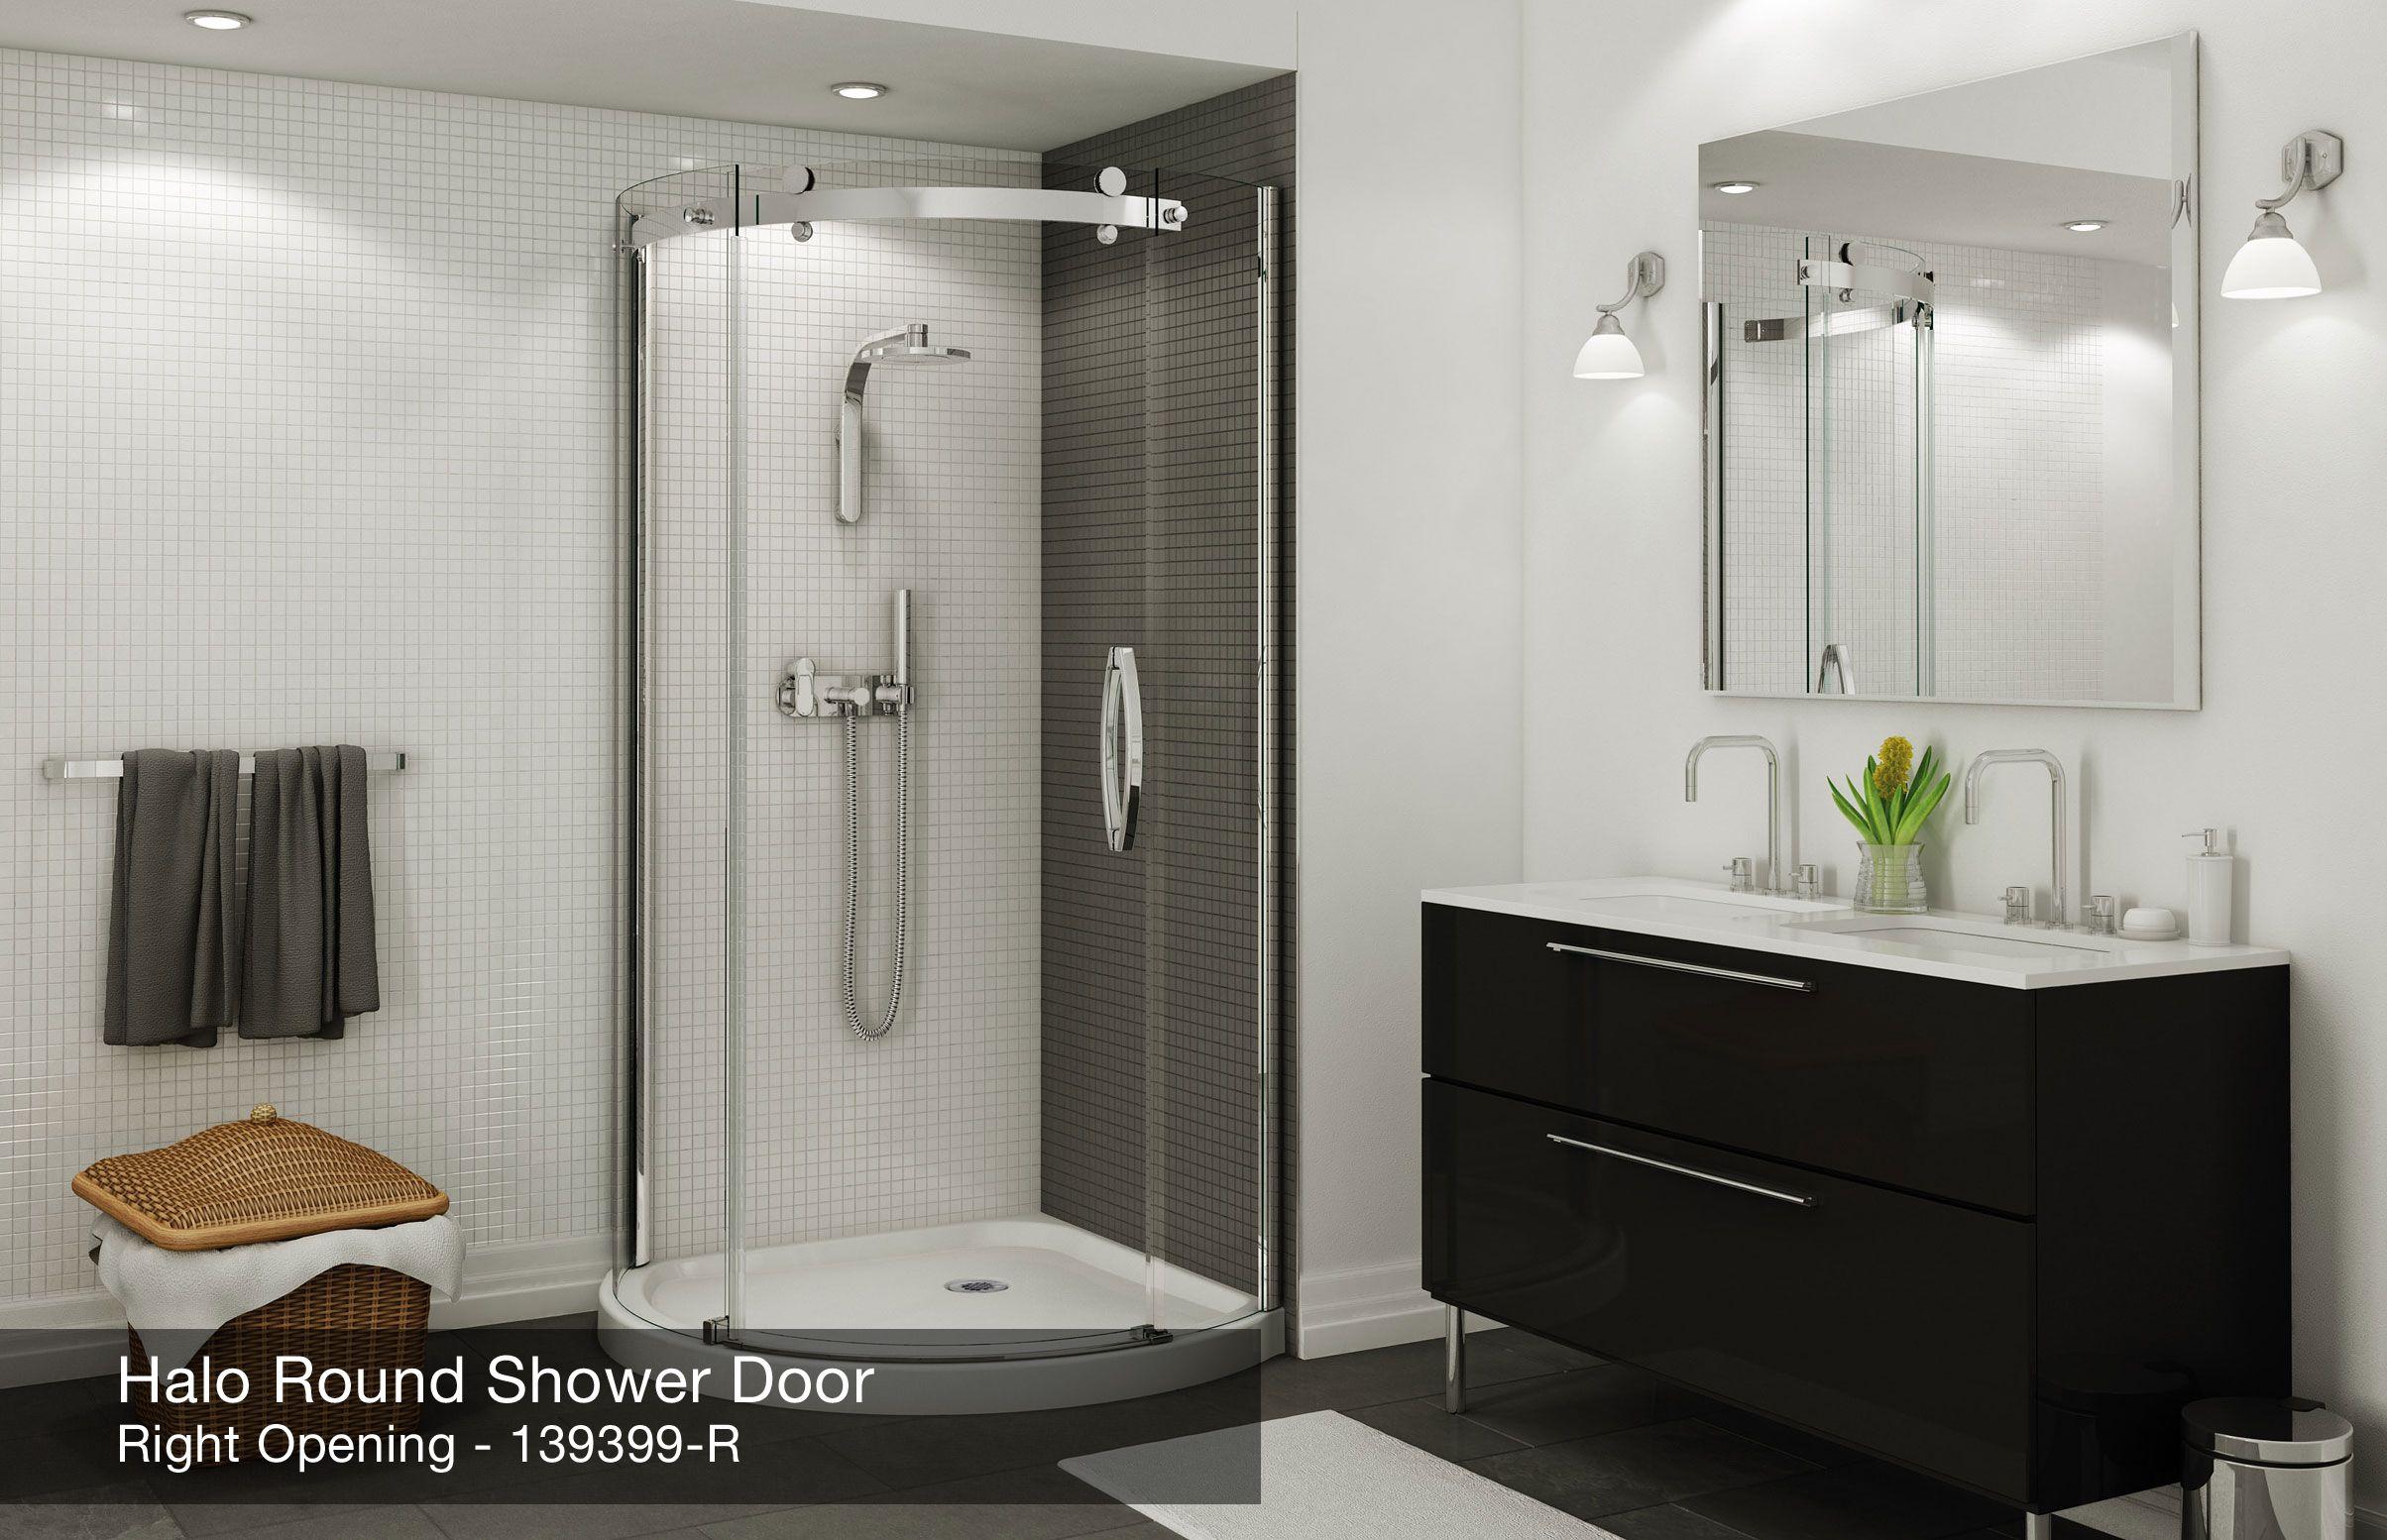 Halo Round Corner Shower Door - MAAX | Douches en céramique ...